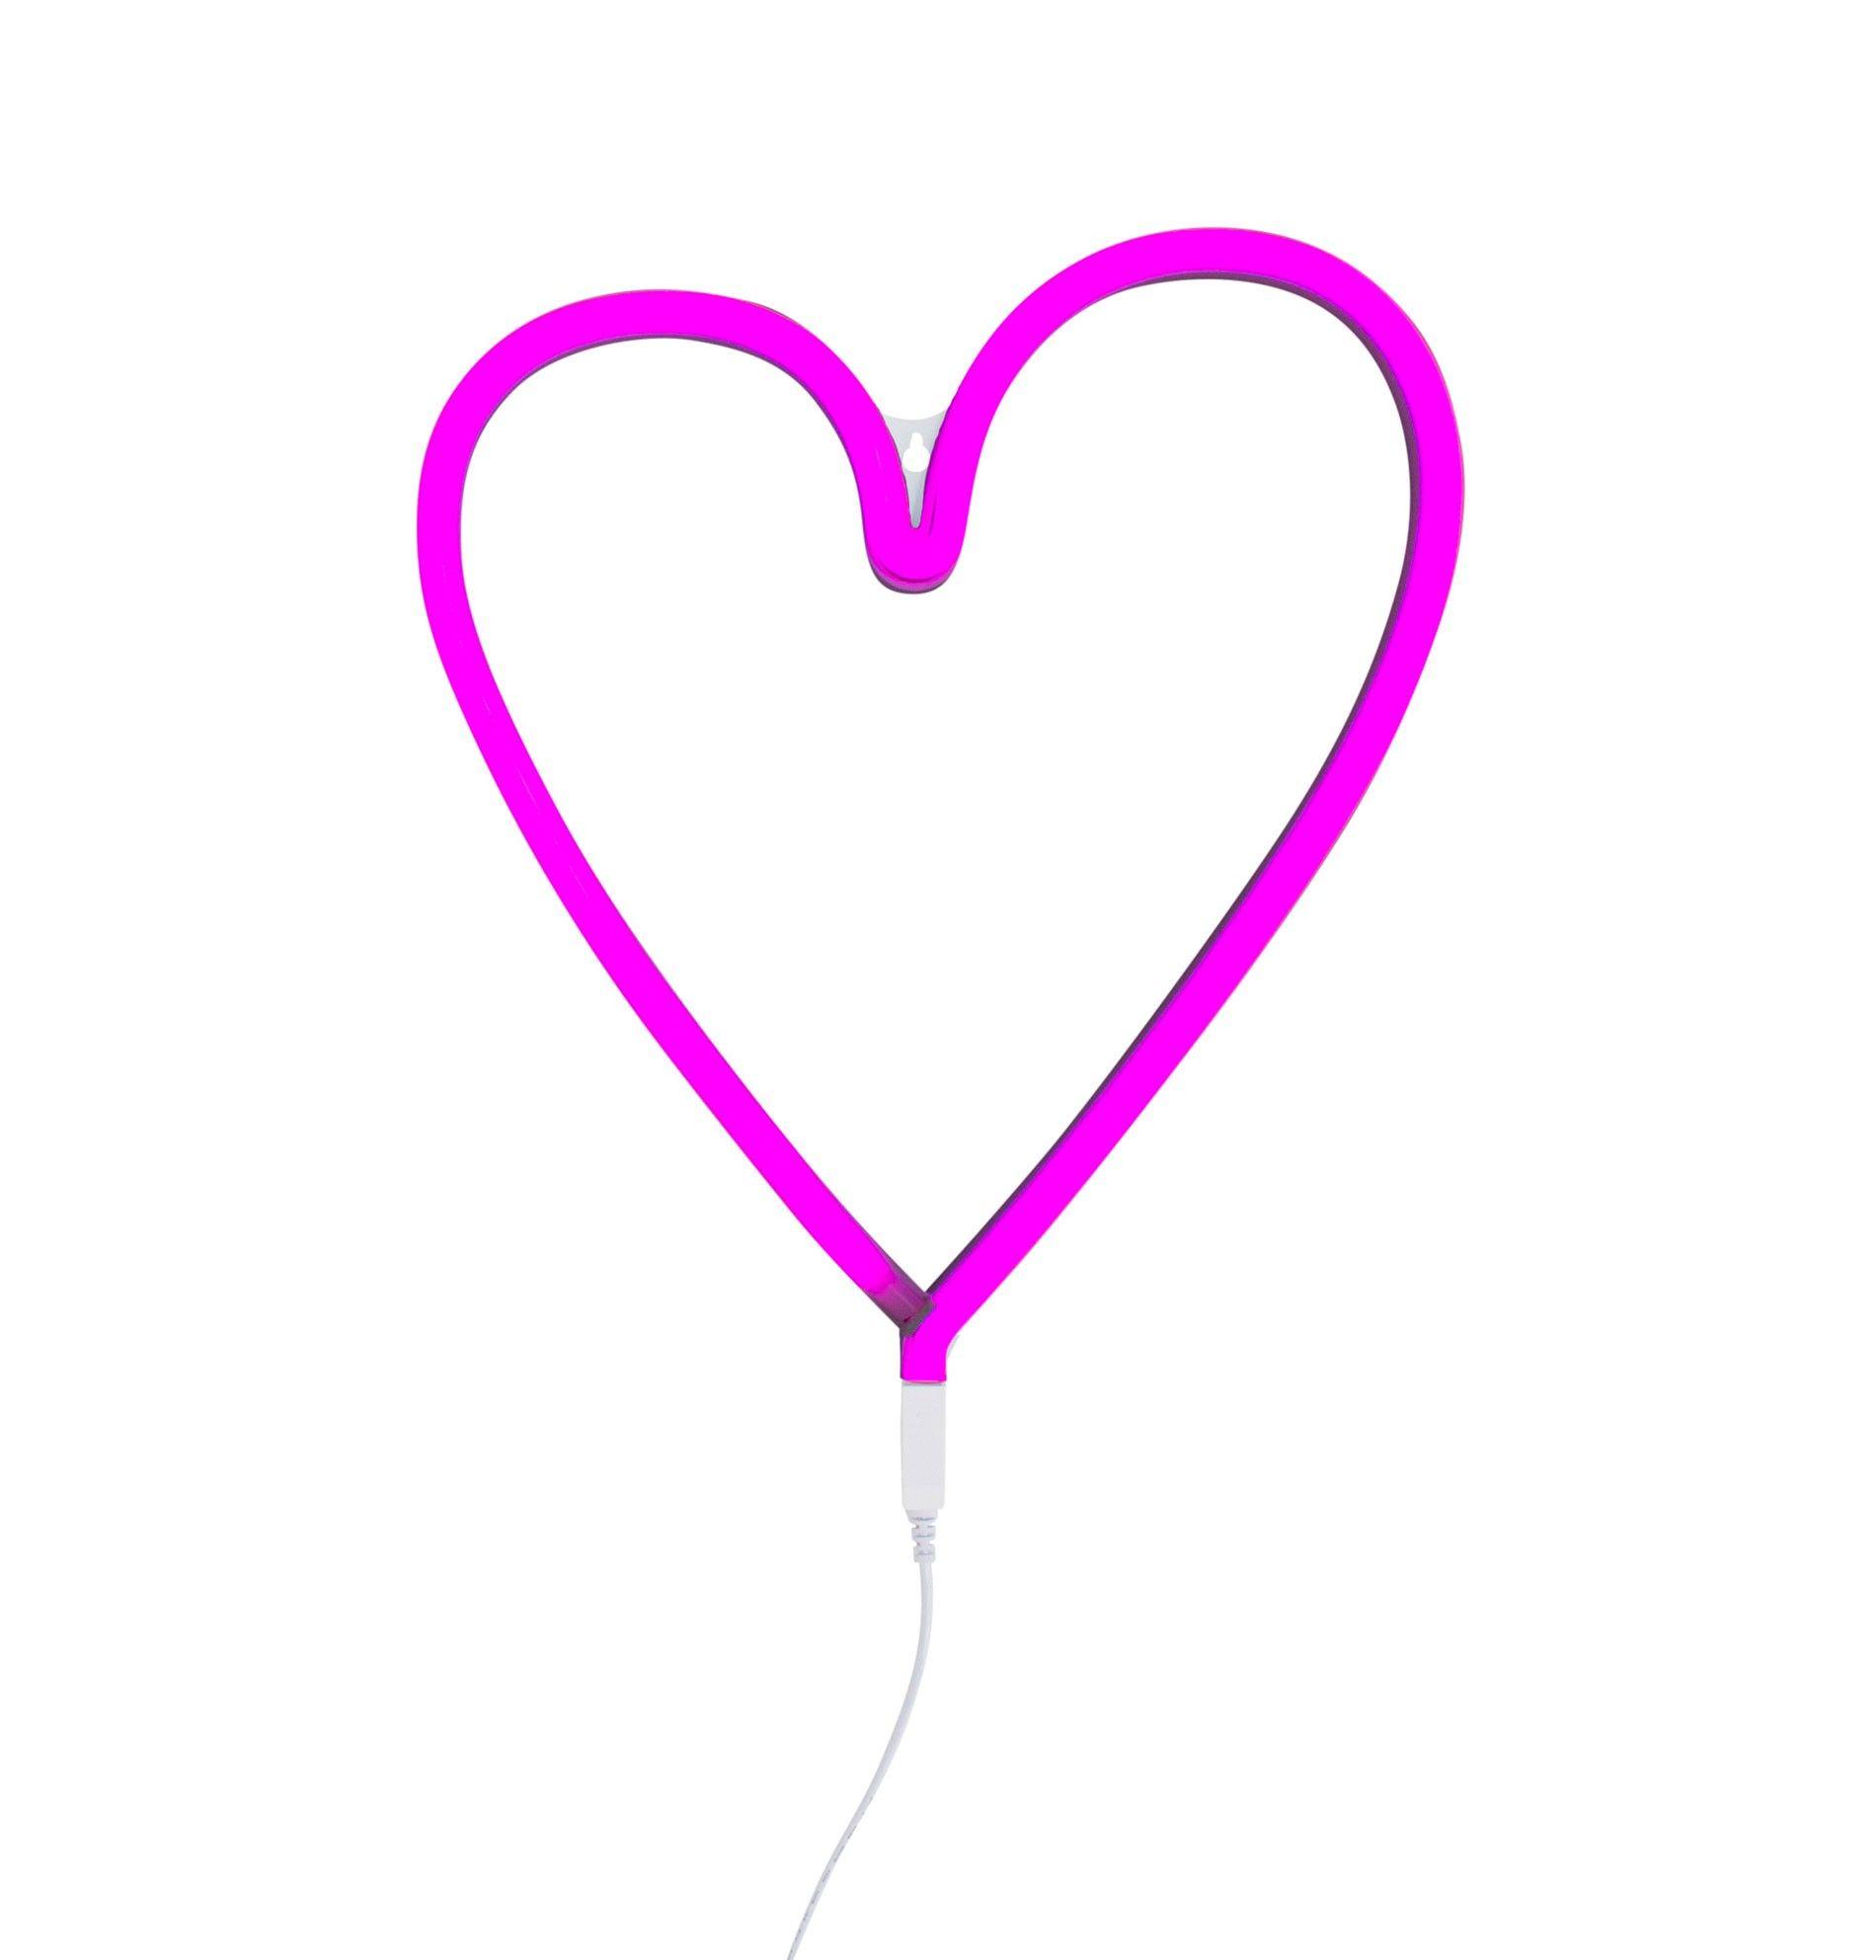 luz-para-colgar-con-forma-de-corazon-rosa-led-neon-fluor-diferente-ligera-minimoi